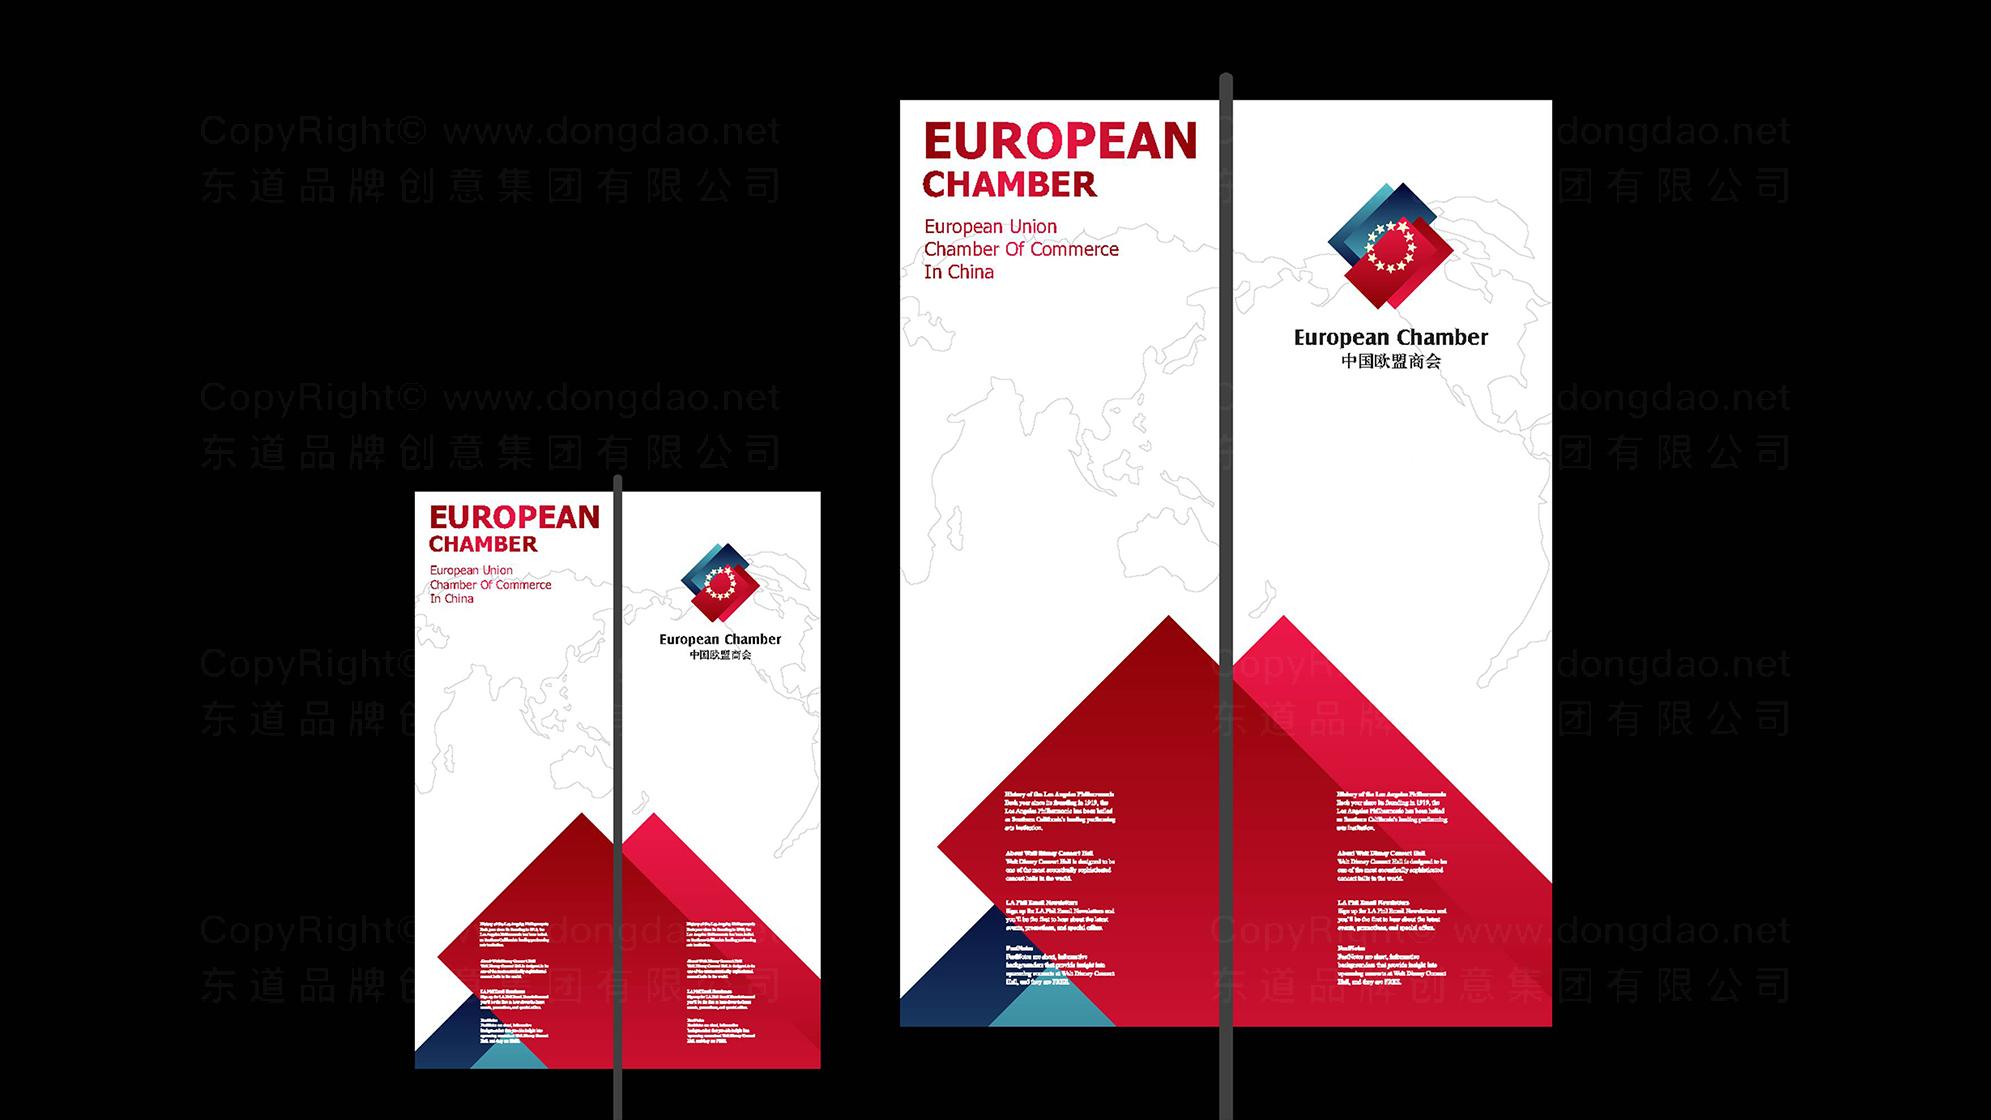 品牌设计中国欧盟商会LOGO&VI设计应用场景_2